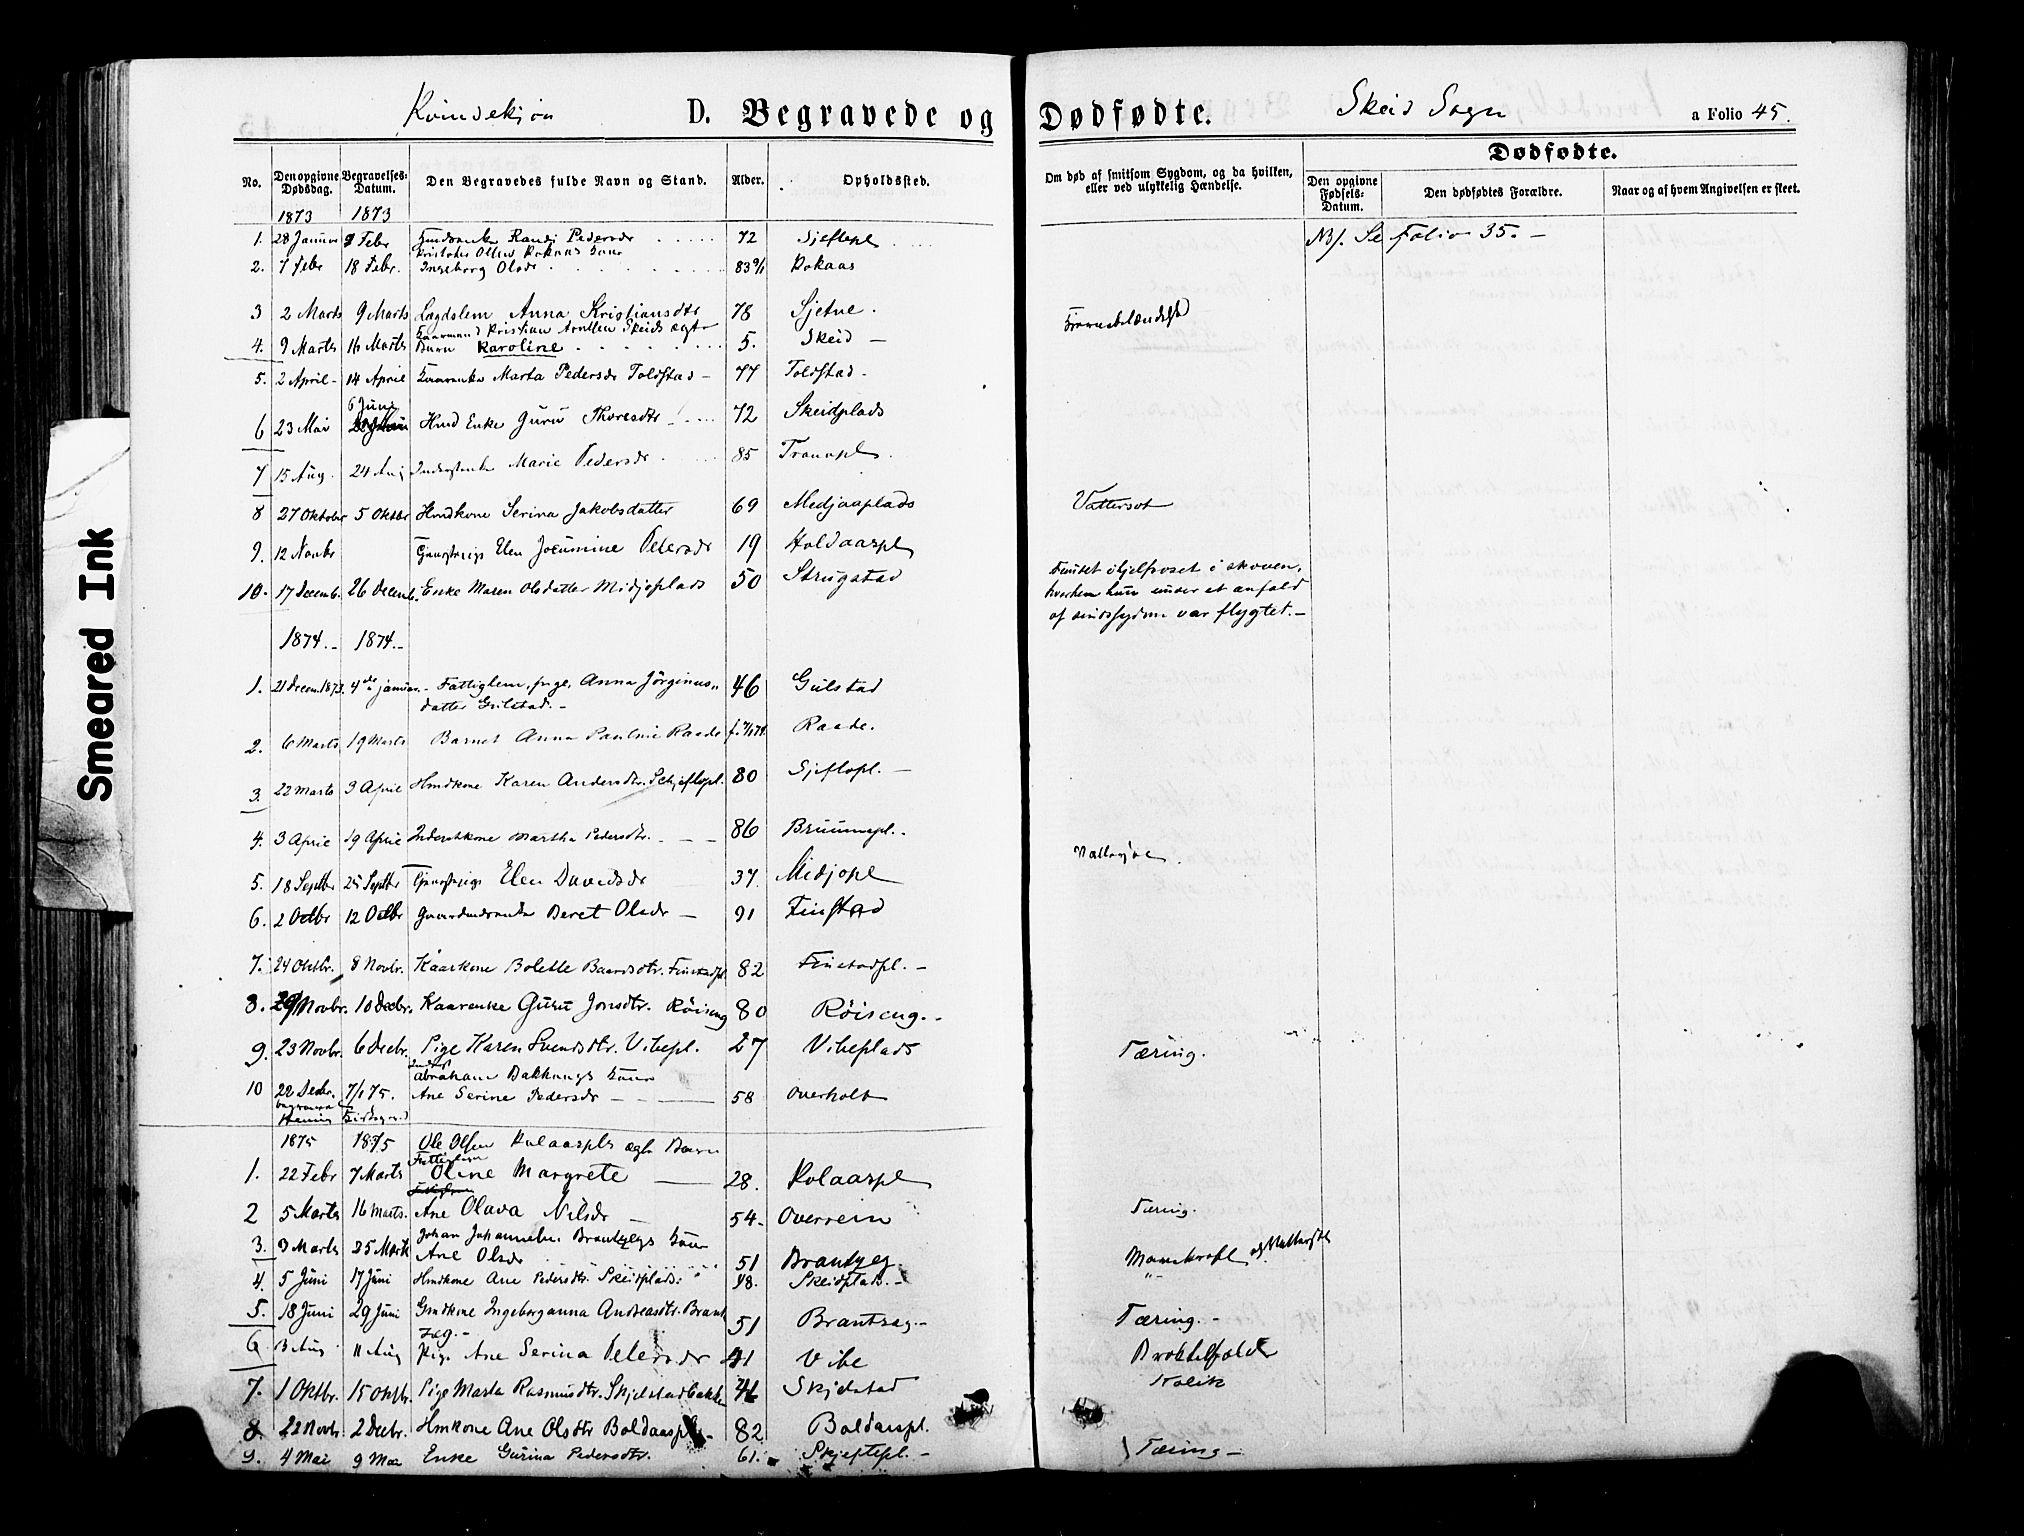 SAT, Ministerialprotokoller, klokkerbøker og fødselsregistre - Nord-Trøndelag, 735/L0348: Ministerialbok nr. 735A09 /2, 1873-1883, s. 45